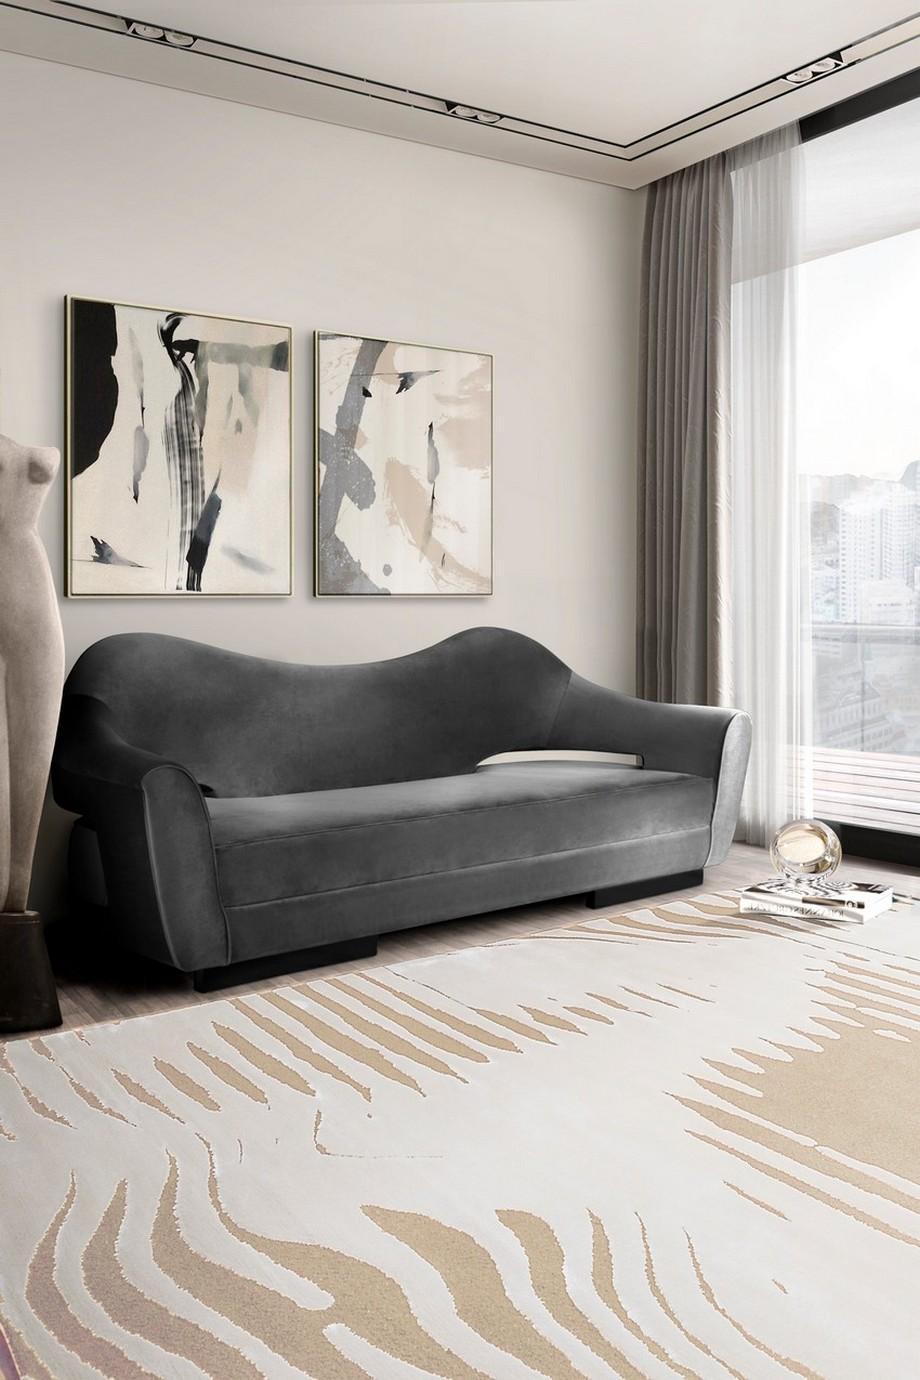 Diseño de interiores: Sofas modernos para la decoración de una sala de estar elegante diseño de interiores Diseño de interiores: Sofas modernos para la decoración de una sala de estar elegante RS kotta rug nau sofa